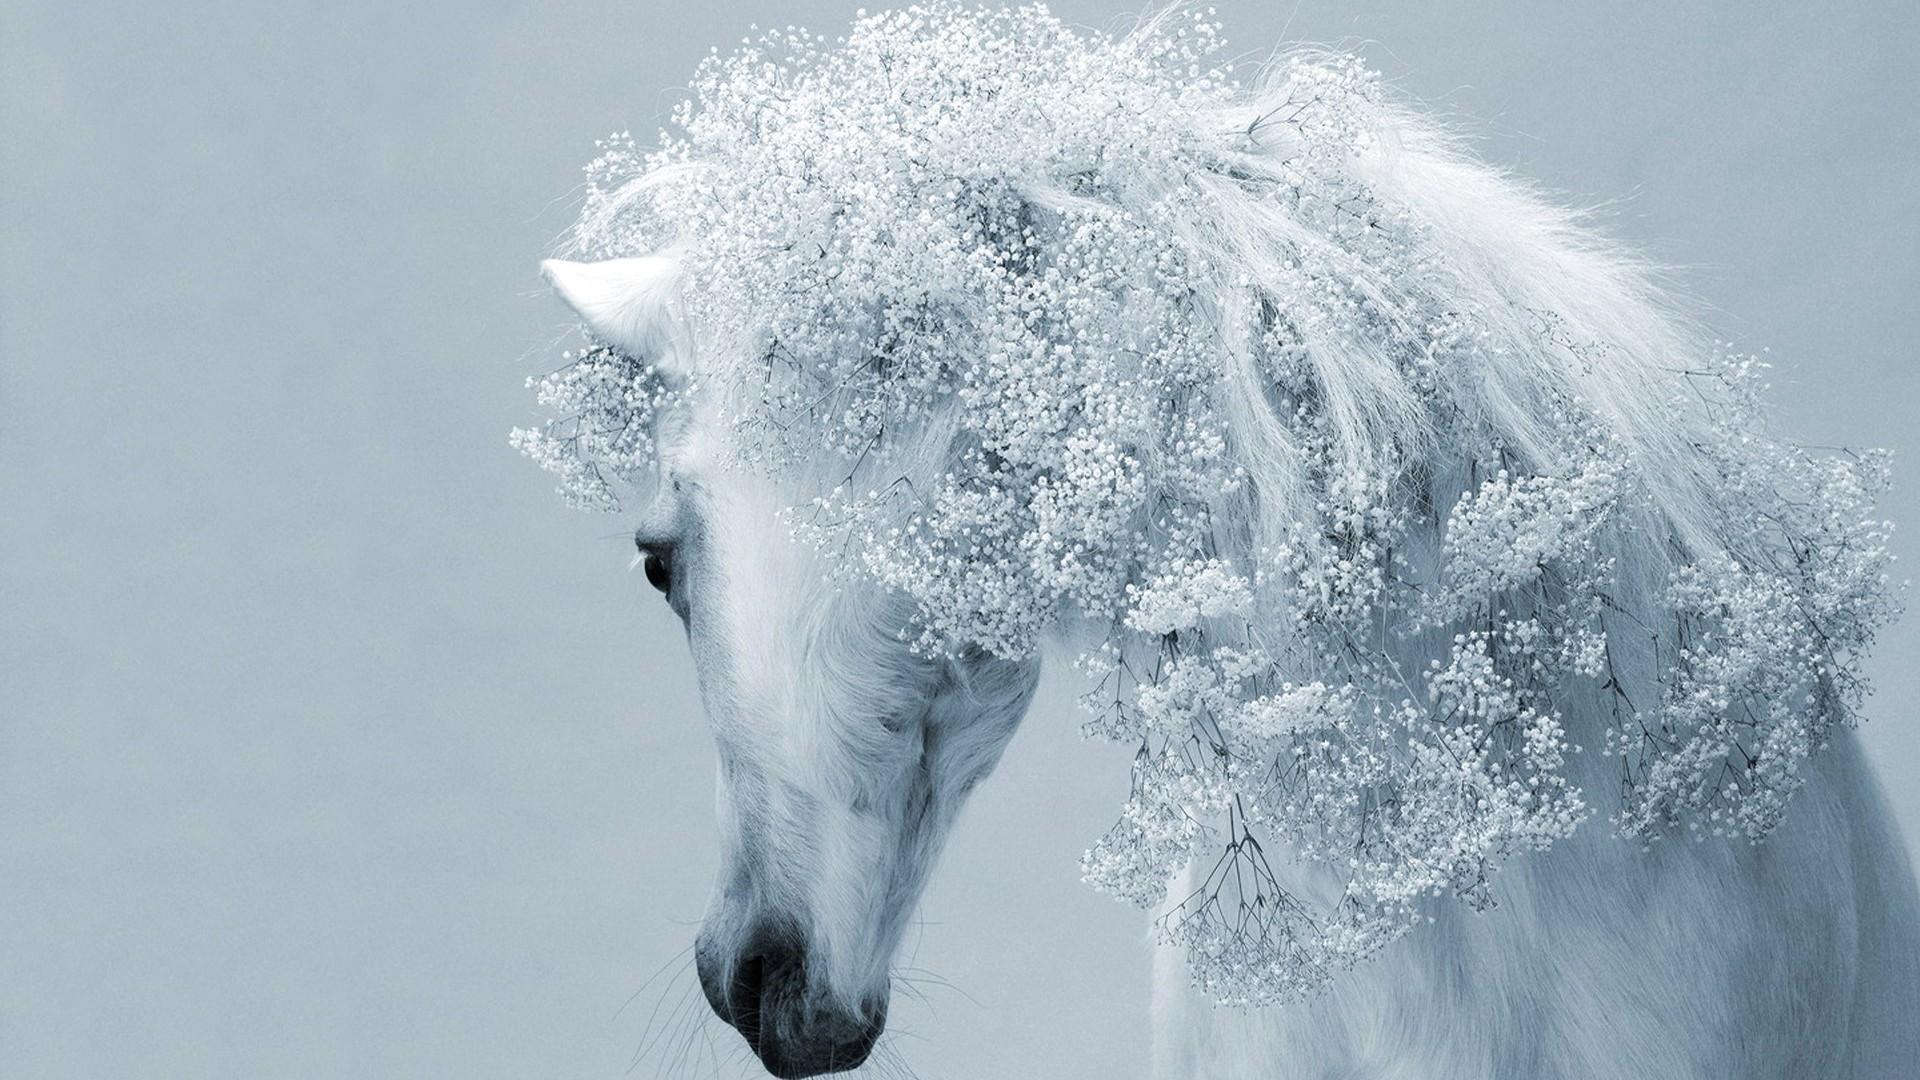 White-Horse-Wallpaper-HD – Magic4Walls.com